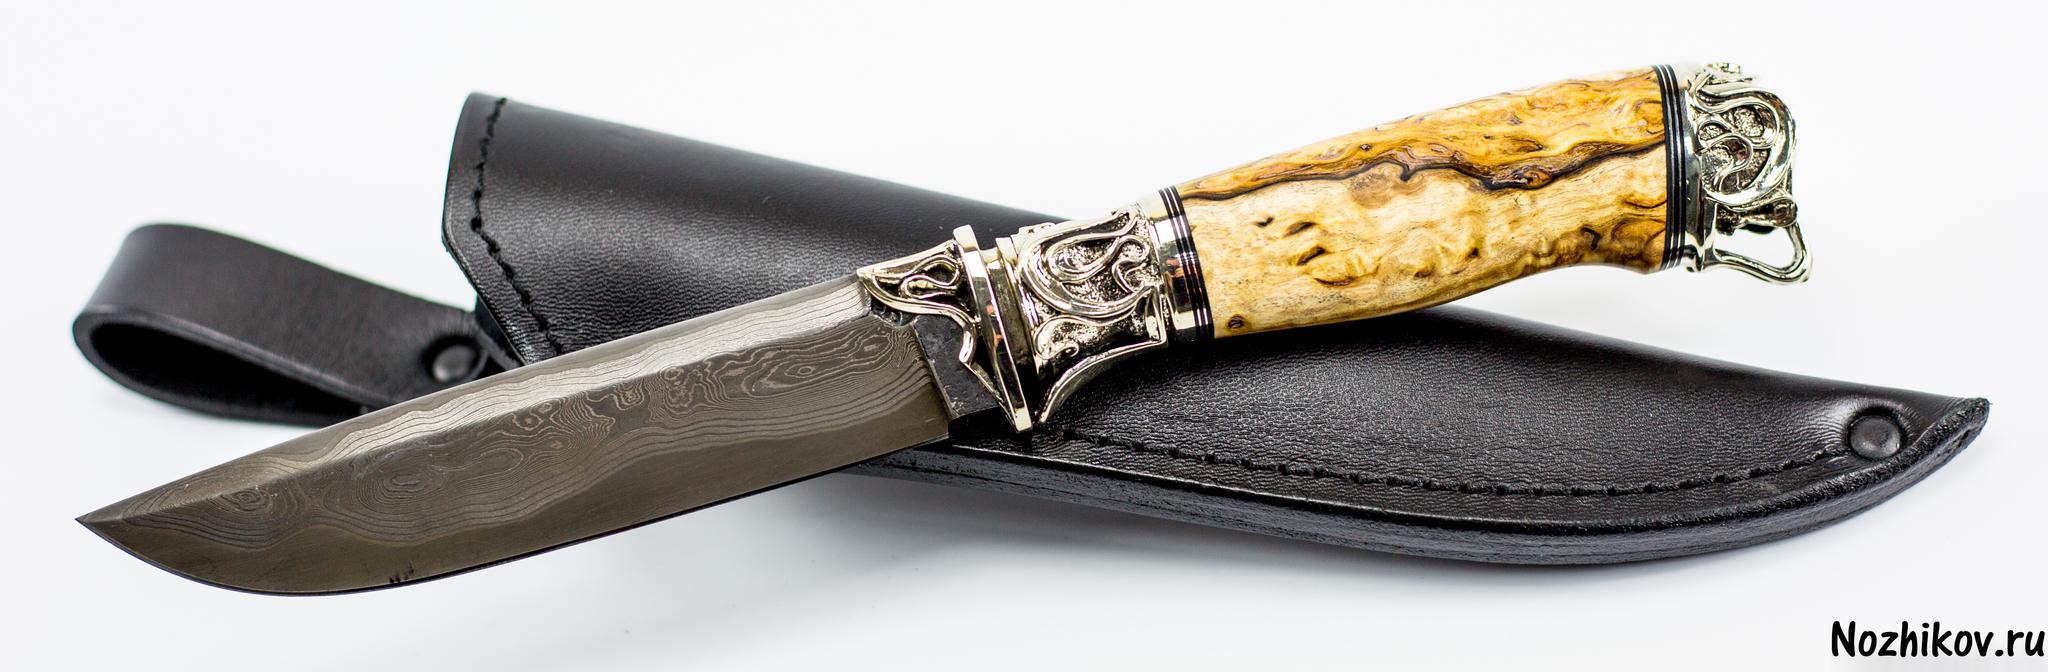 Нож Подарочный №52 из Ламината с никелем, от ПриказчиковаНожи Павлово<br><br>